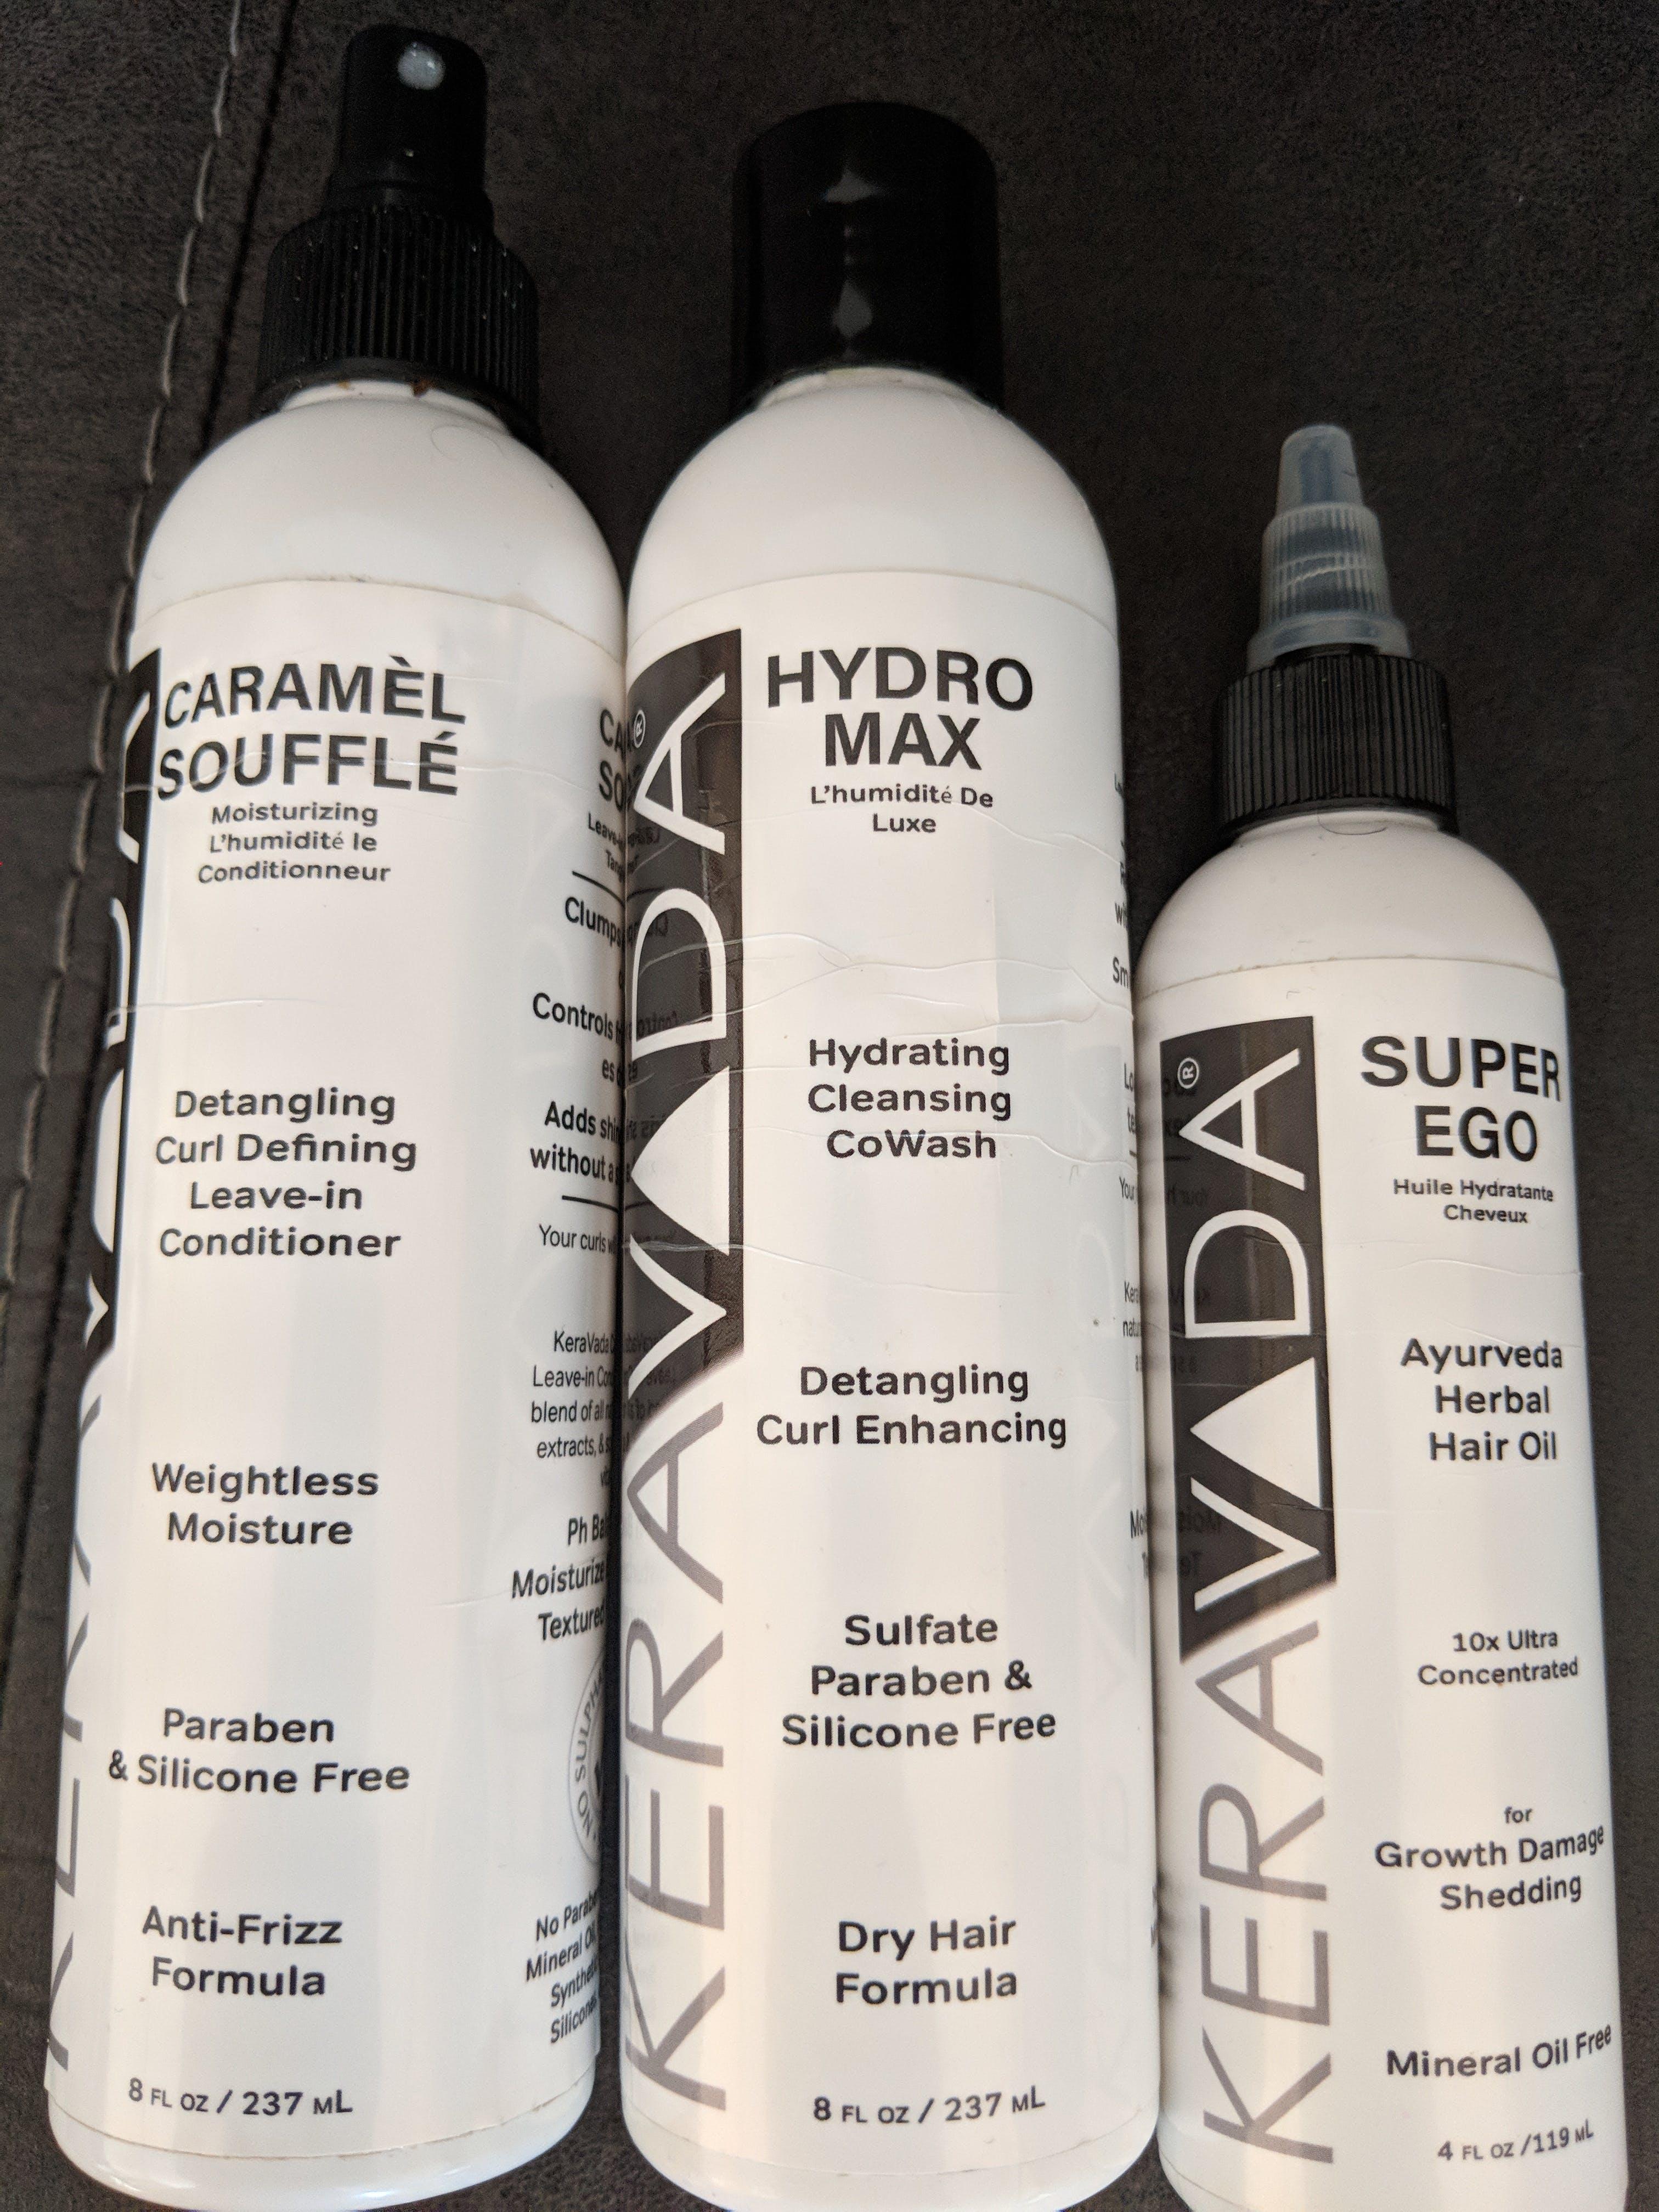 HYDROMAX 2.0 CO-WASH